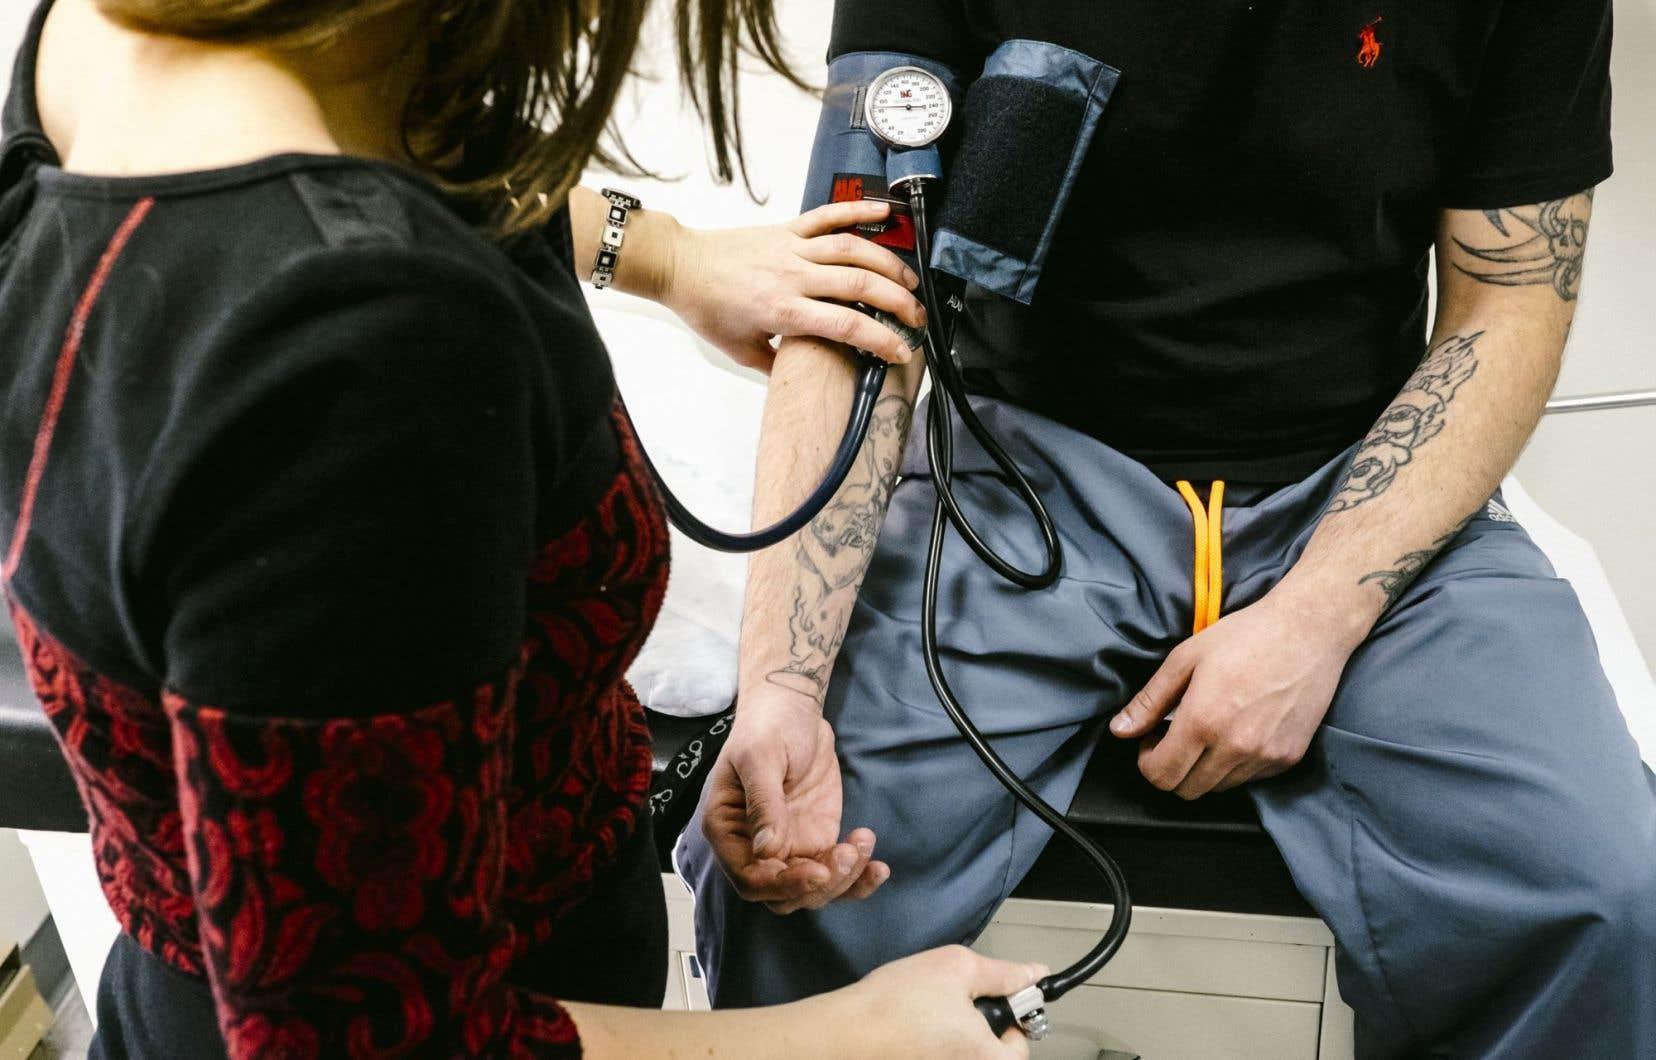 À court terme, les infirmières pourront également prescrire des analyses de laboratoire, des médicaments pour le traitement des plaies ou d'autres pour cesser de fumer.